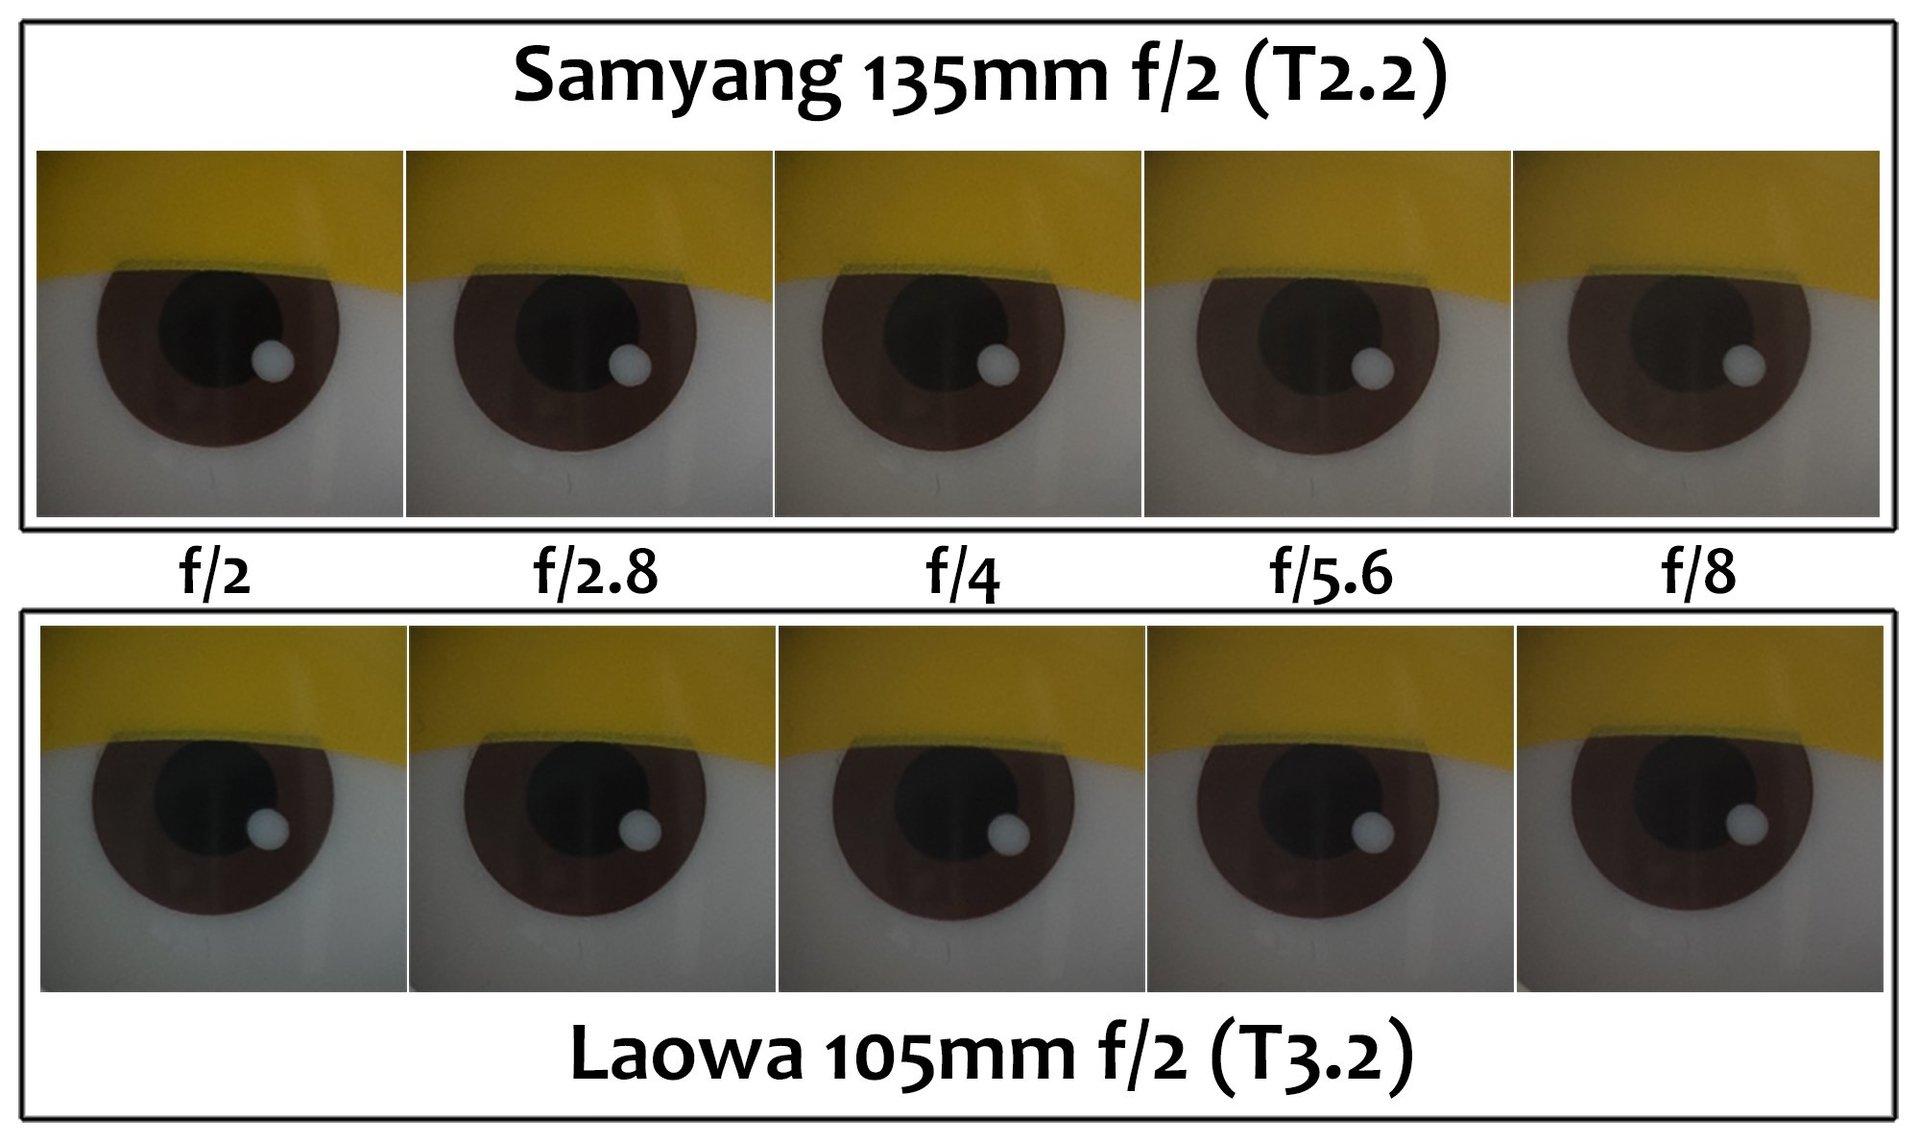 Đánh giá Laowa 105mm f/2 T3.2 Smooth Trans Focus - ống kính STF bình dân